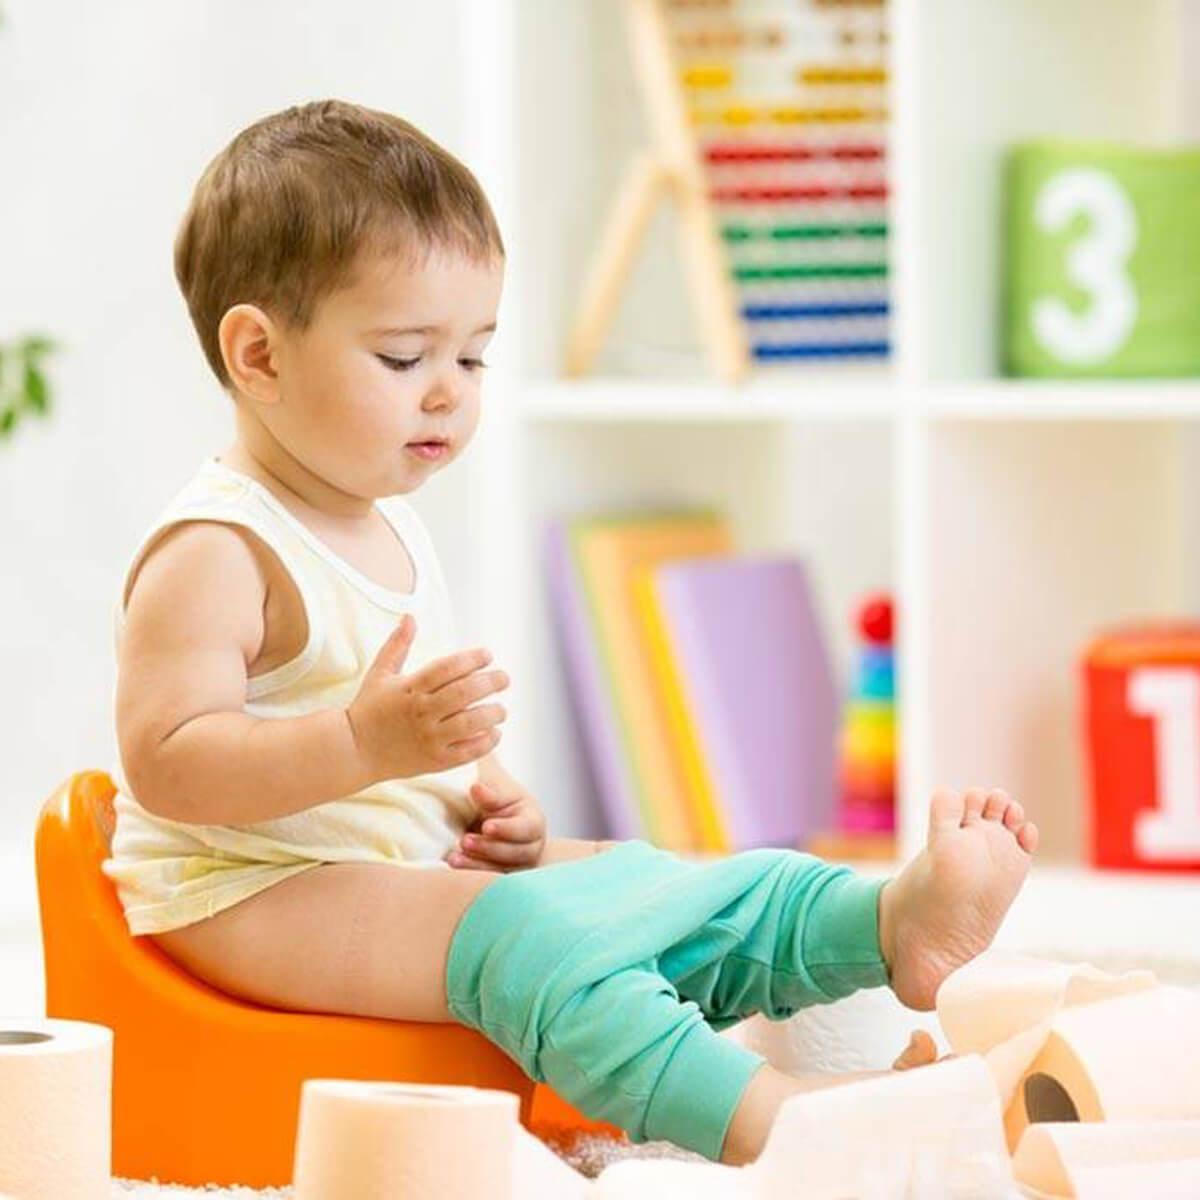 اسهال و استفراغ در کودکان و نوزادان